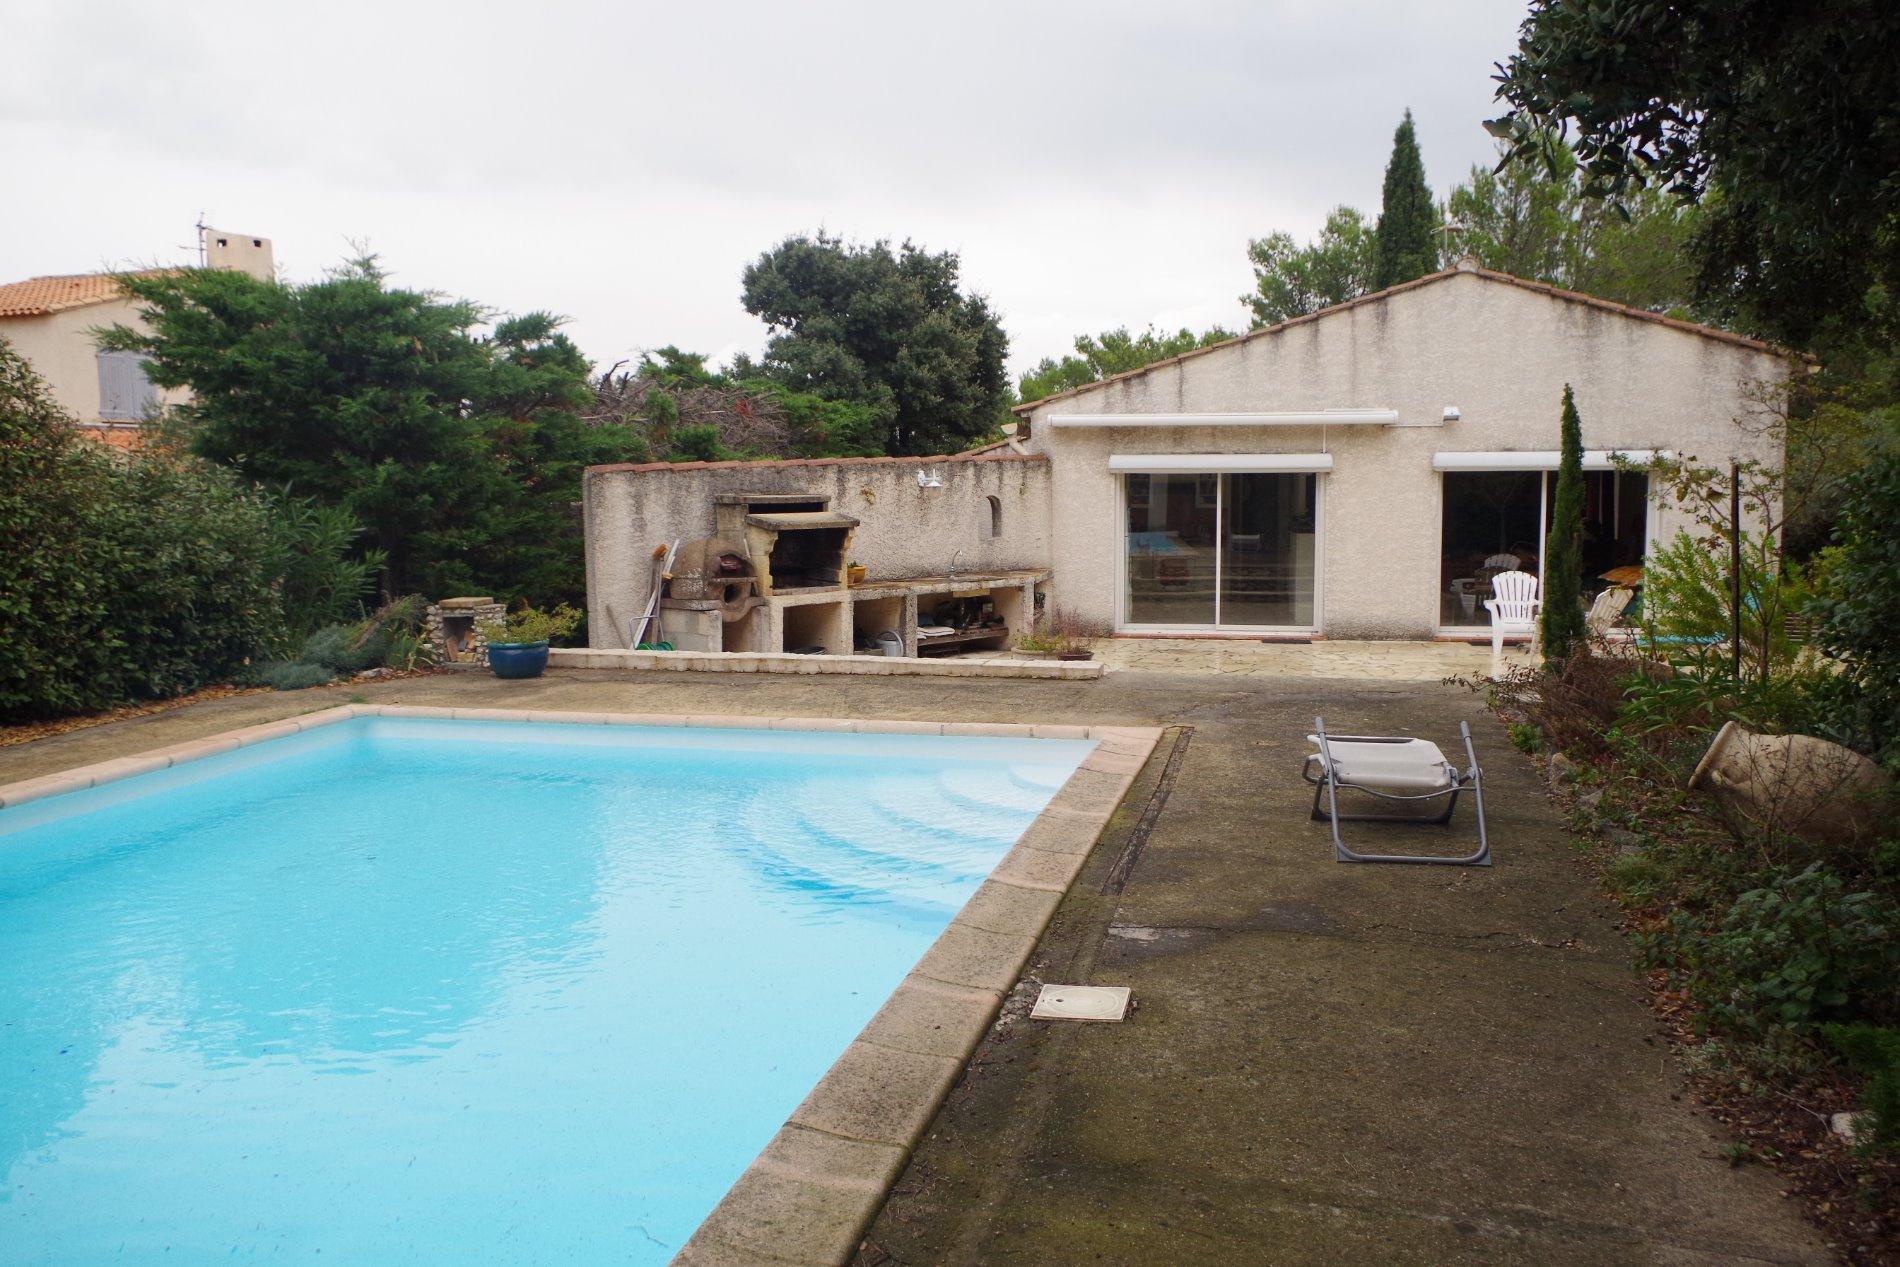 Vente poulx maison 120m sur parcelle 1250m piscine for Prix piscine 10x5